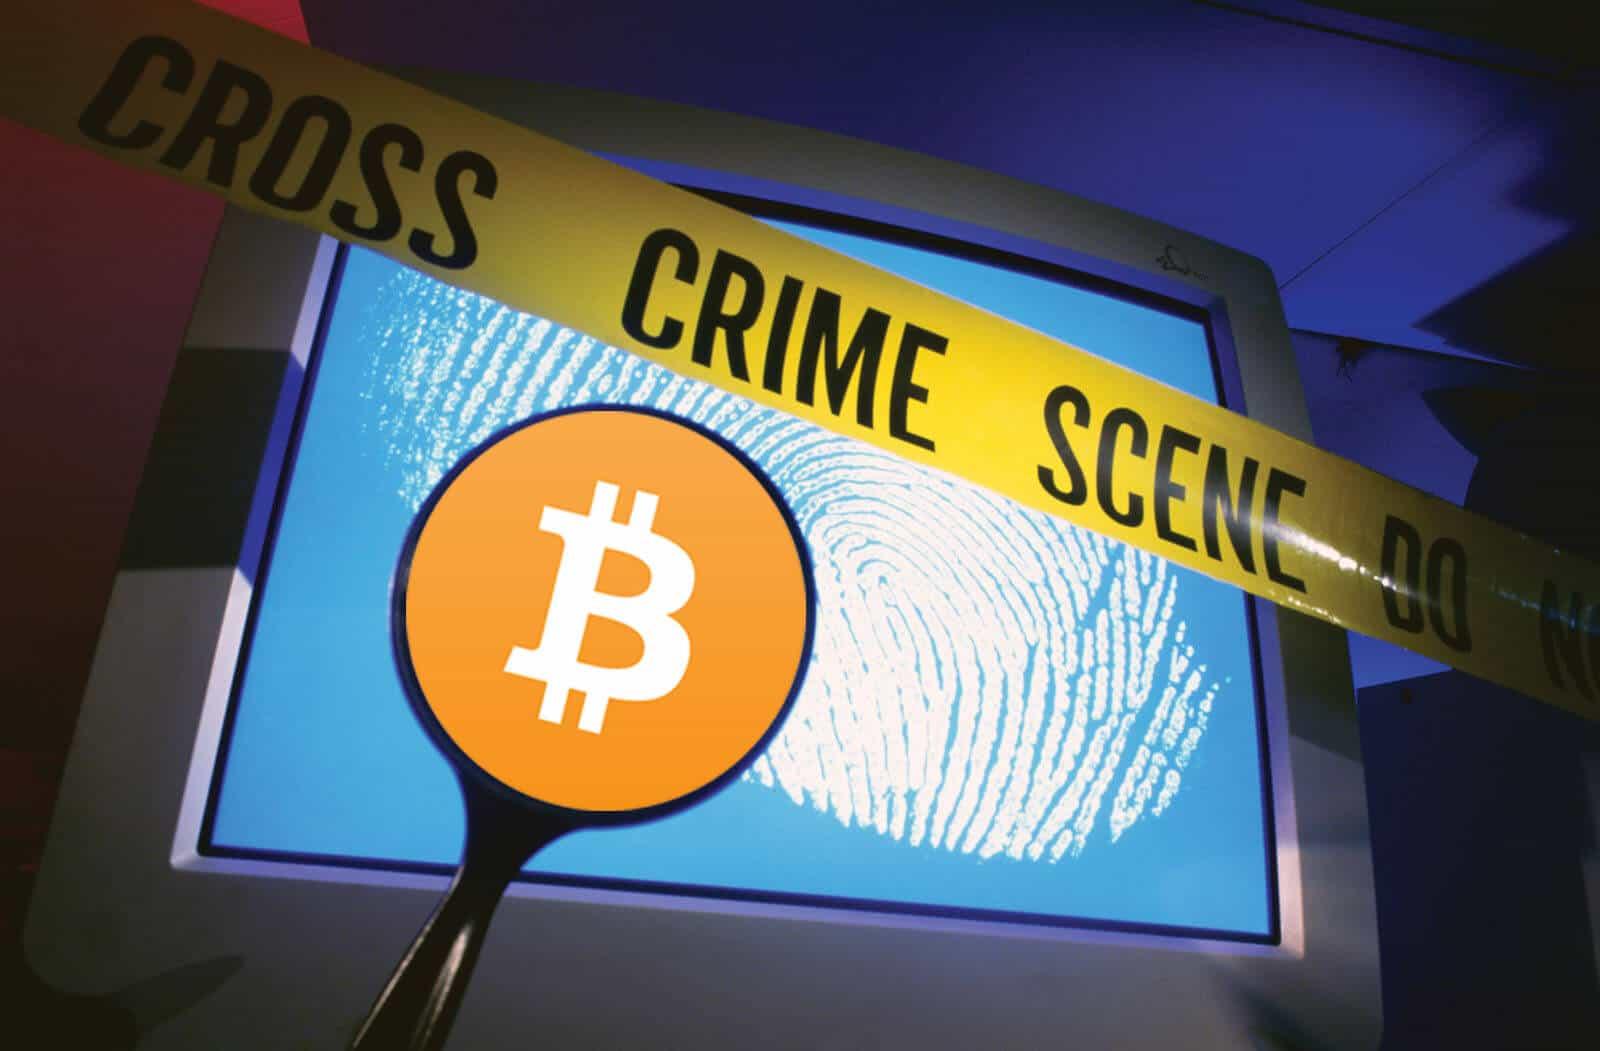 هشدار در مورد عرضه سکه هایی با اهداف جنایی